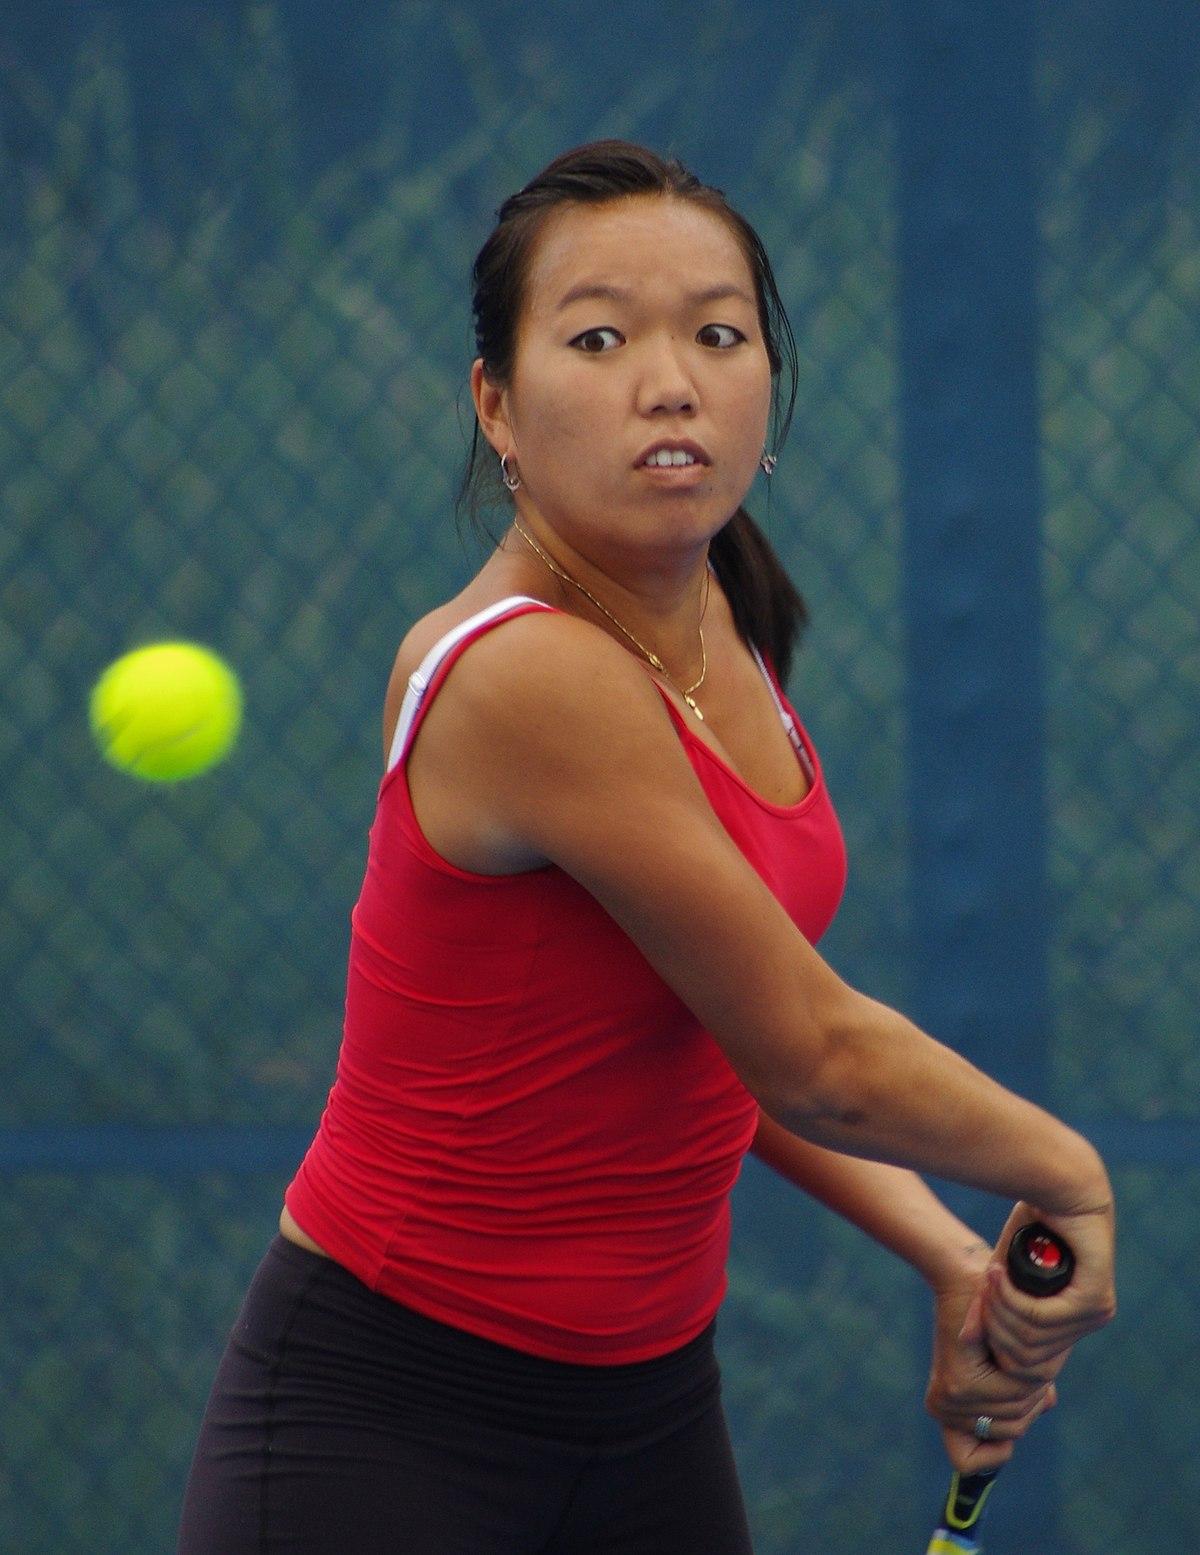 Как сыграют Родионова и Чжан Шуай На что делать ставки на теннис 21 Февраля 2018